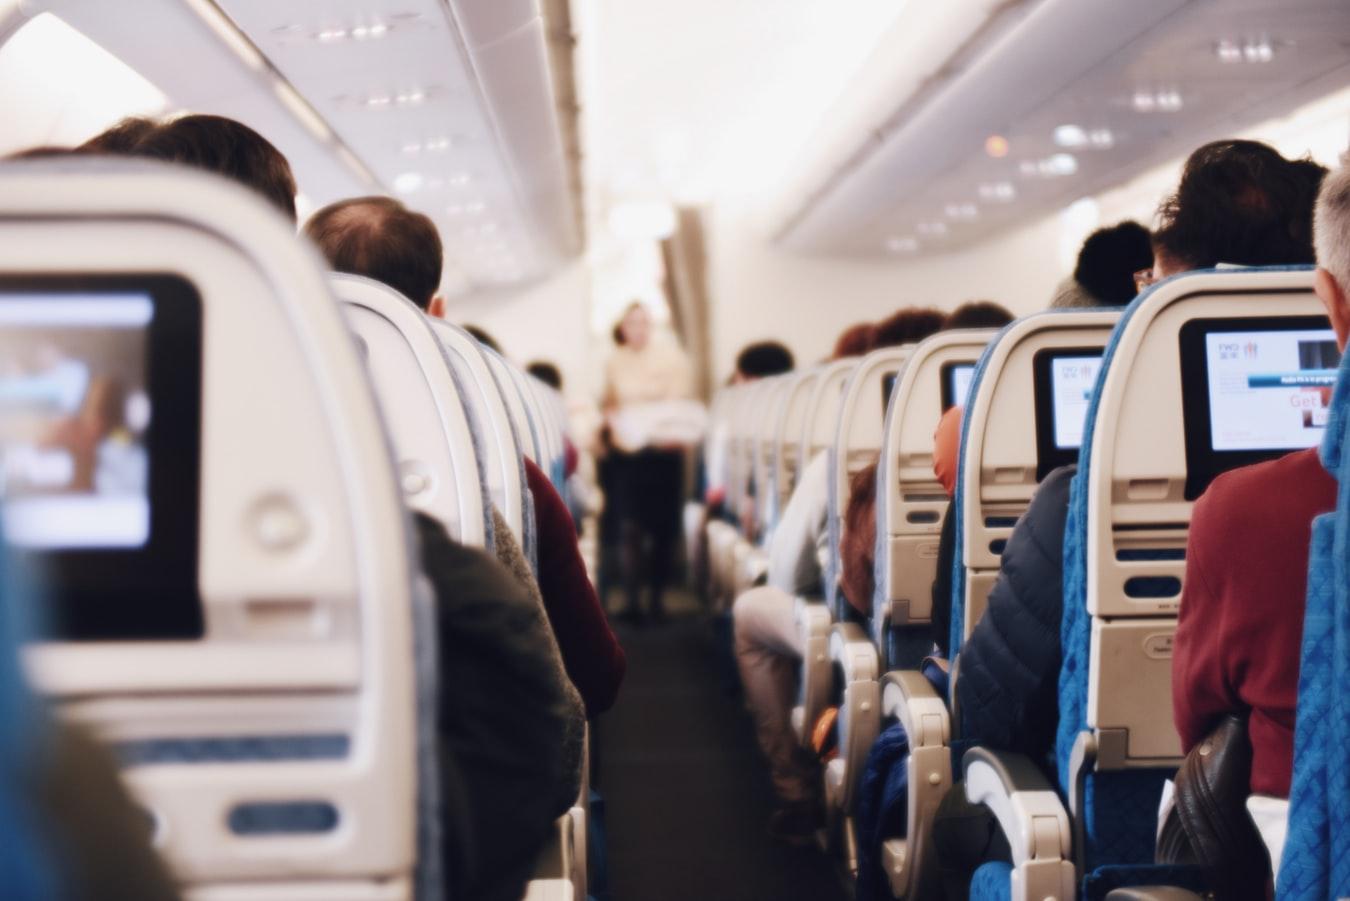 英國匯豐銀行近日公布的一項研究,顯示每50名搭飛機的乘客中,就有1個人會遇見此生的真愛。(Photo by Suhyeon Choi on Unsplash)